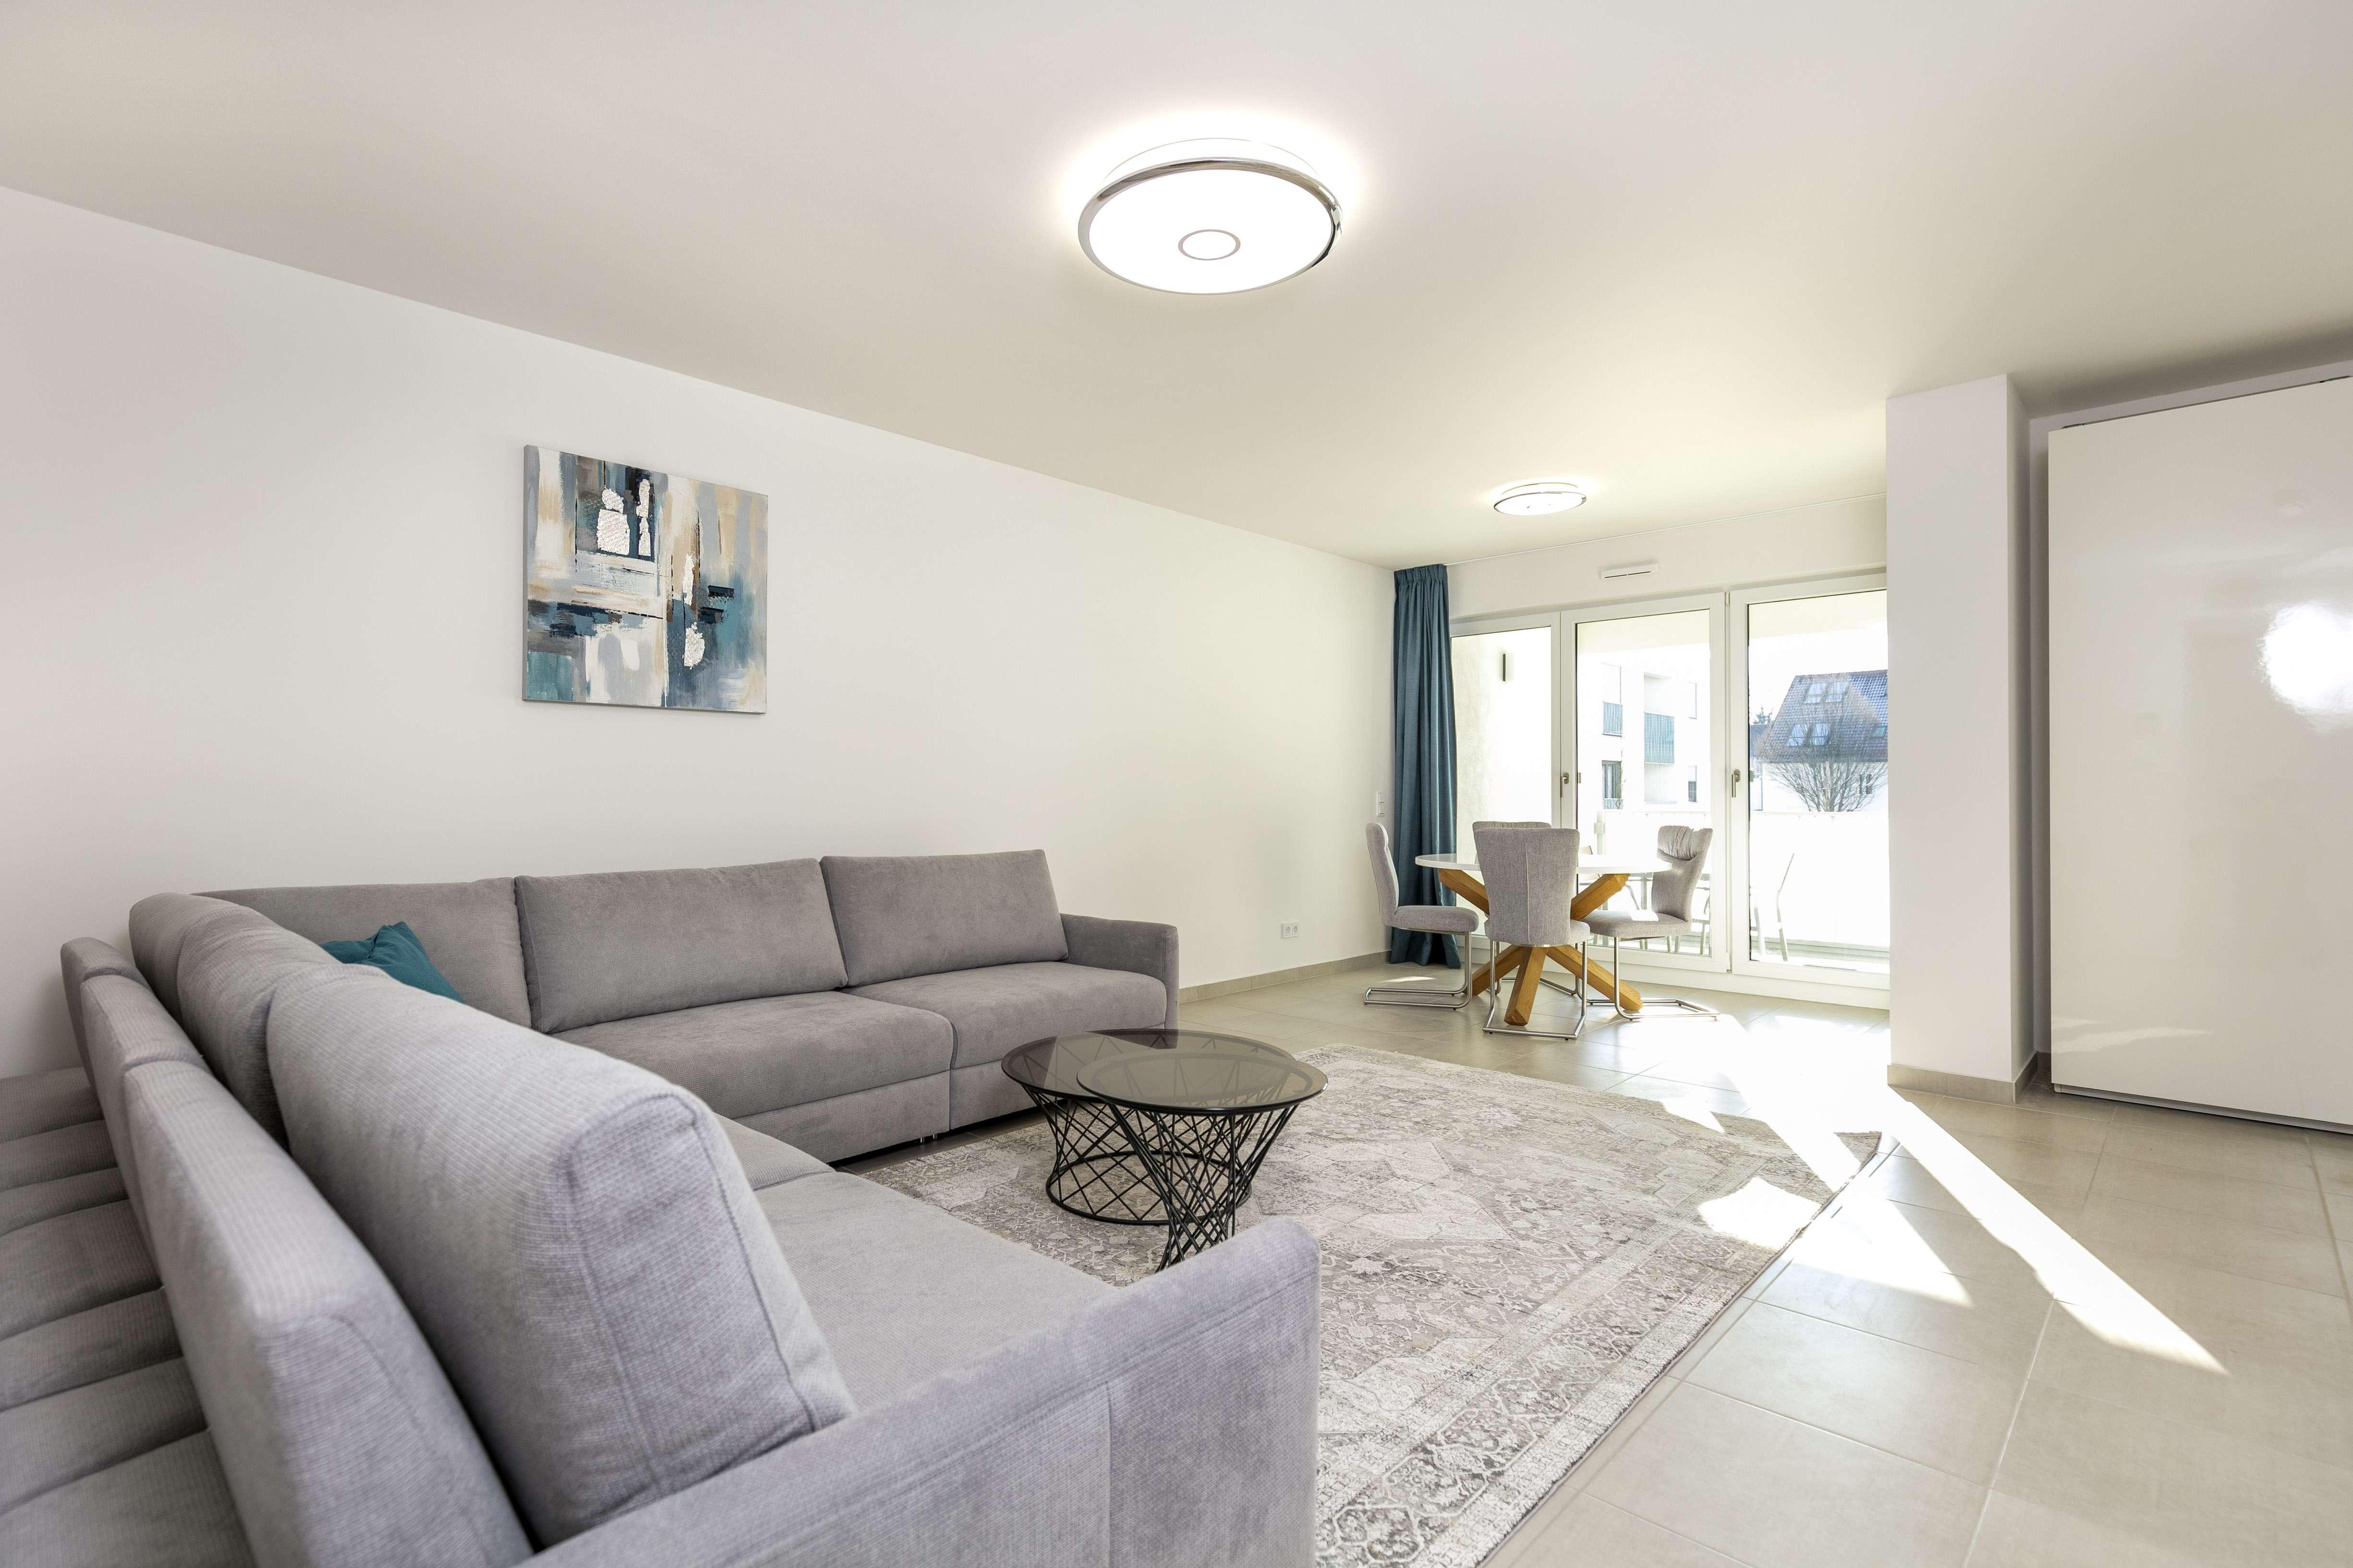 (NEUBAU+ERSTBEZUG) Möblierte 3 Zimmer Wohnung inkl. Klimaanlage in Top Lage Bogenhausen in Bogenhausen (München)